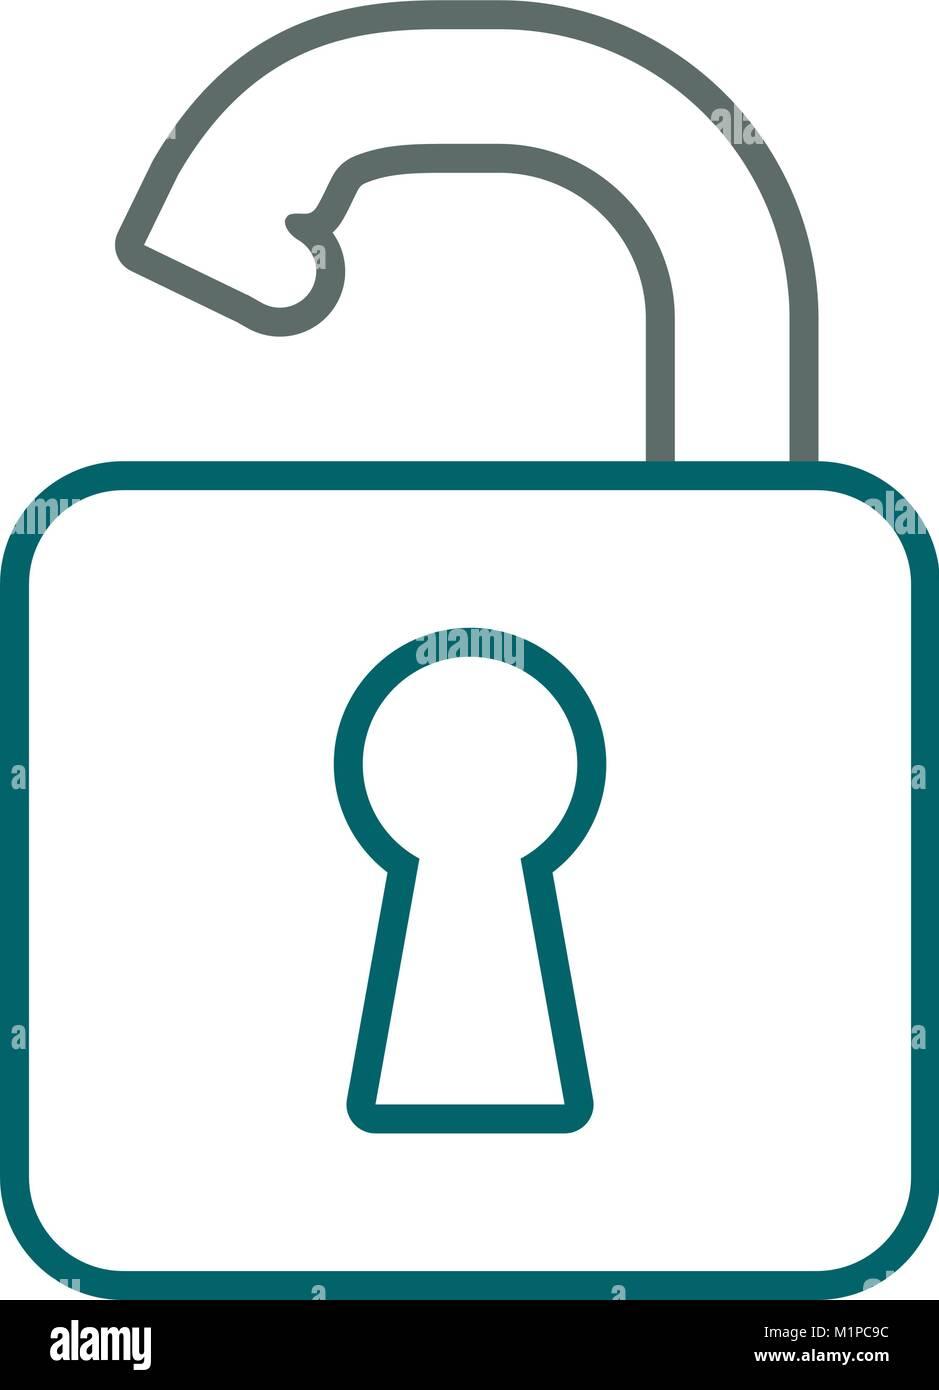 opened padlock icon image - Stock Image